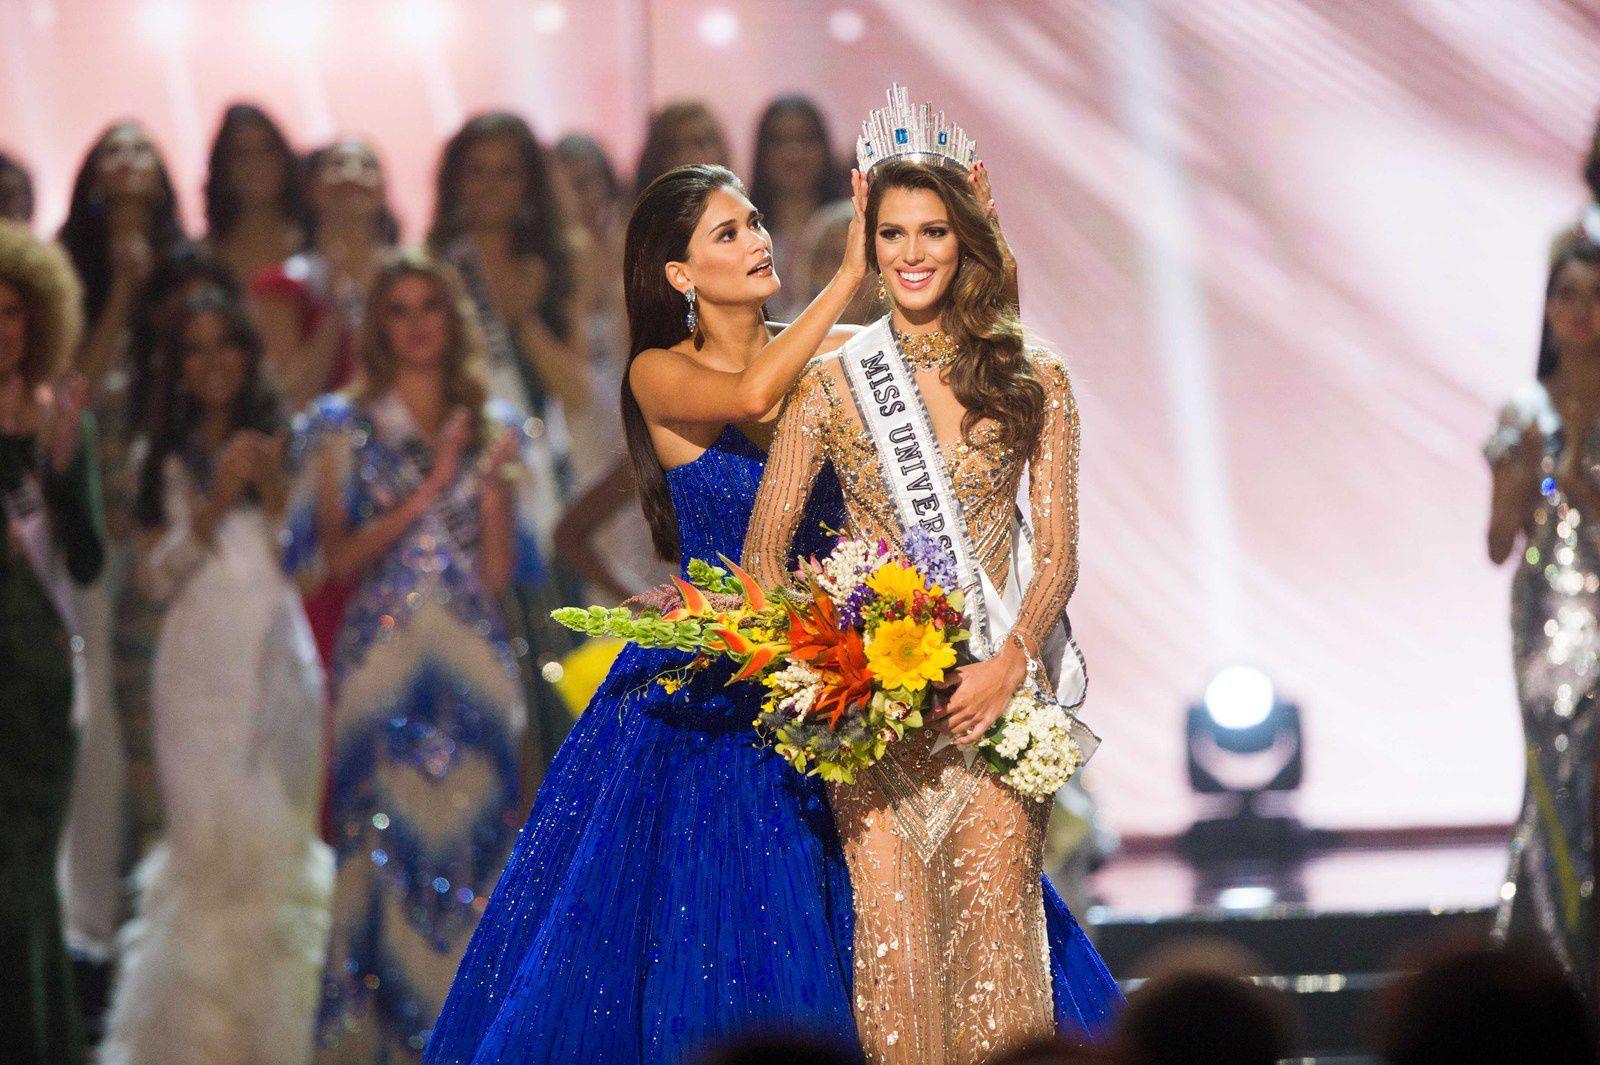 « De Miss France à Miss Univers, le fabuleux destin d'Iris » : Documentaire à découvrir ce samedi sur TF1